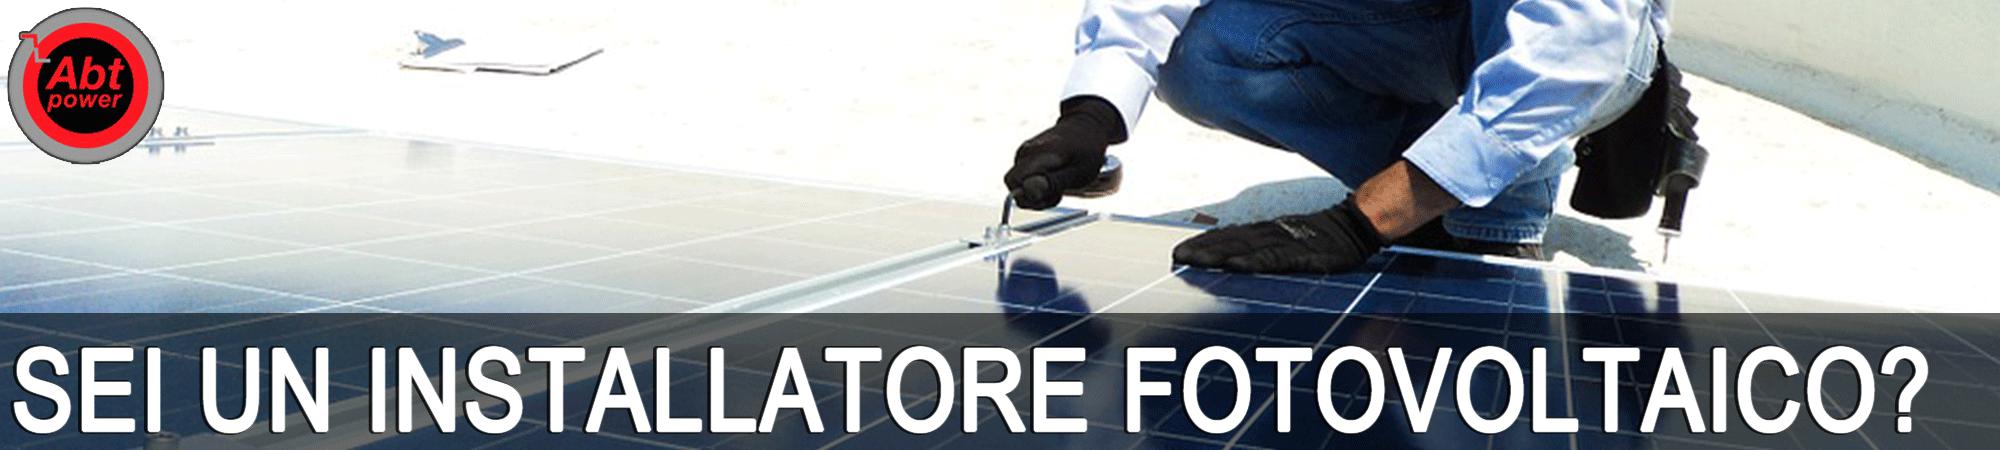 installatori fotovoltaico con accumulo